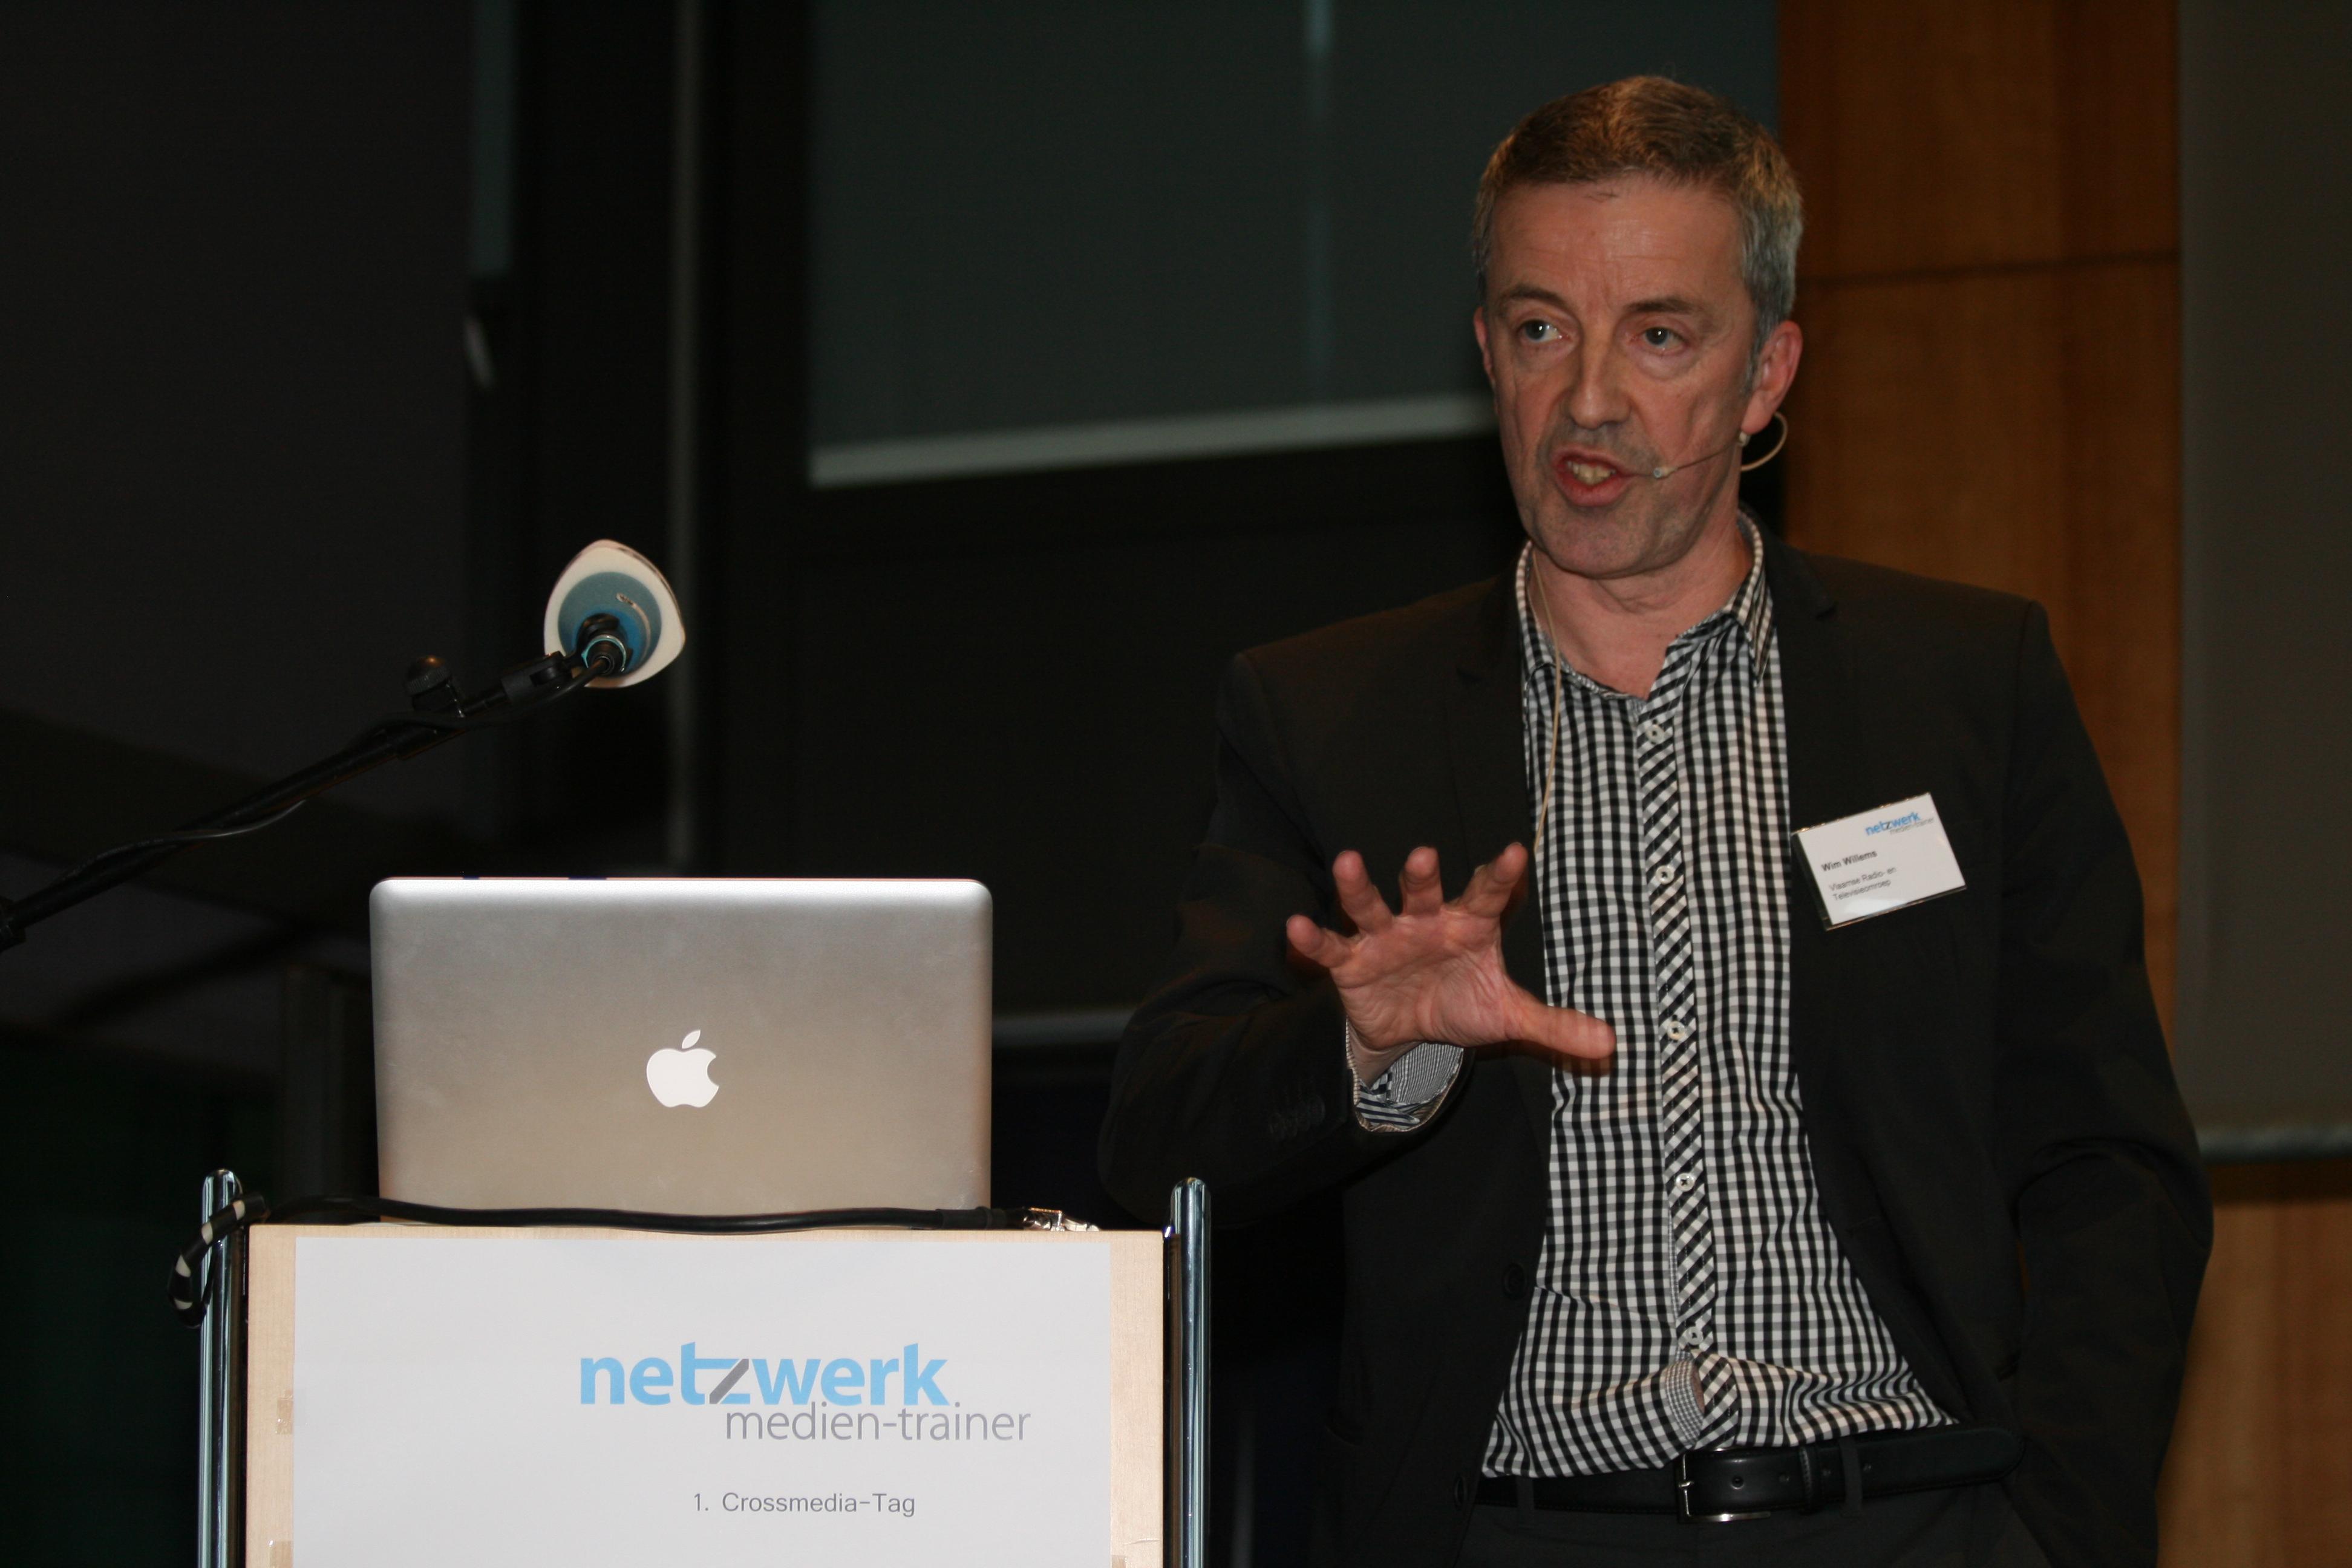 Wim Willems auf dem Crossmedia-Tag des netzwerk medien-trainer